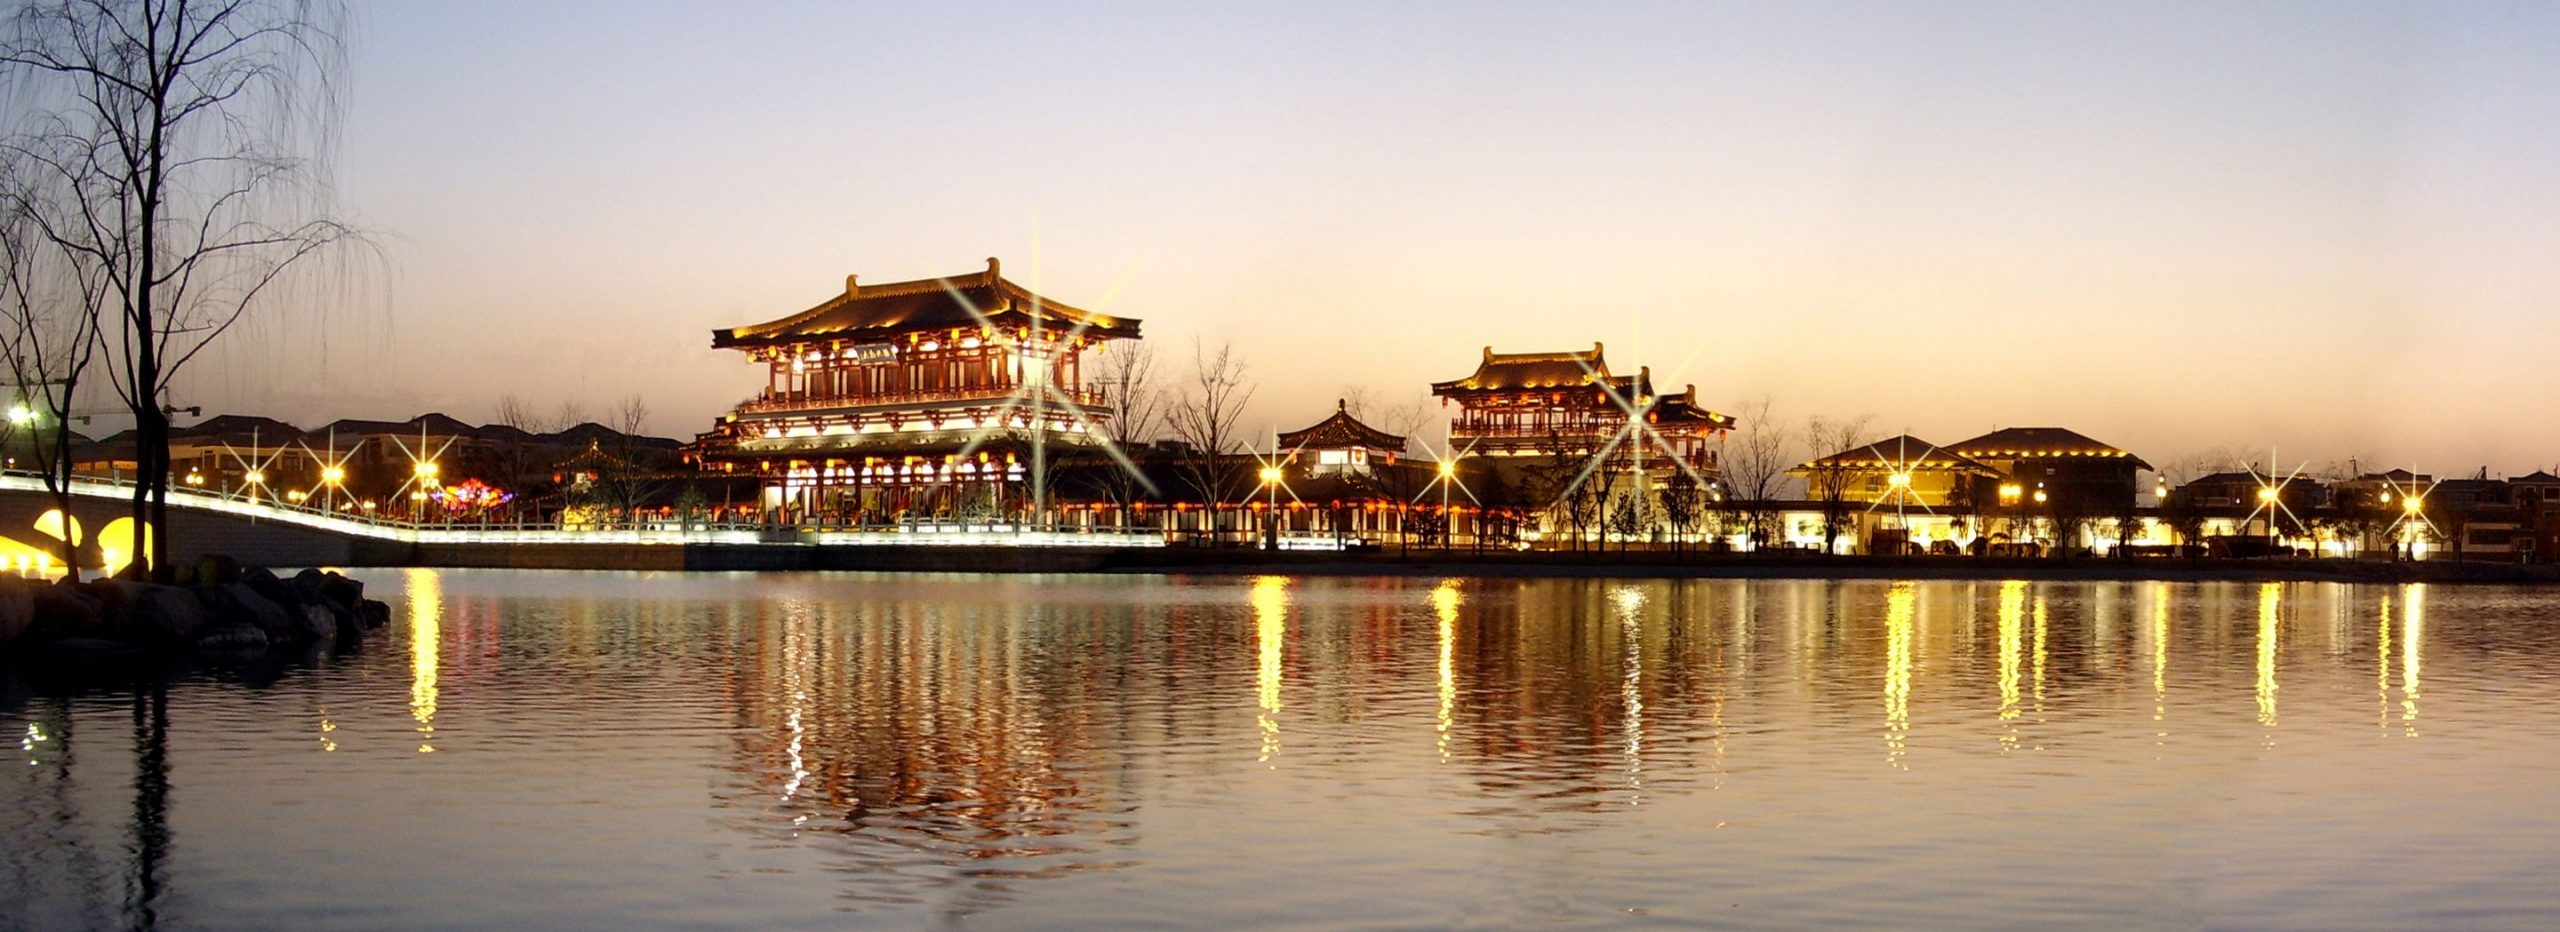 Xian city